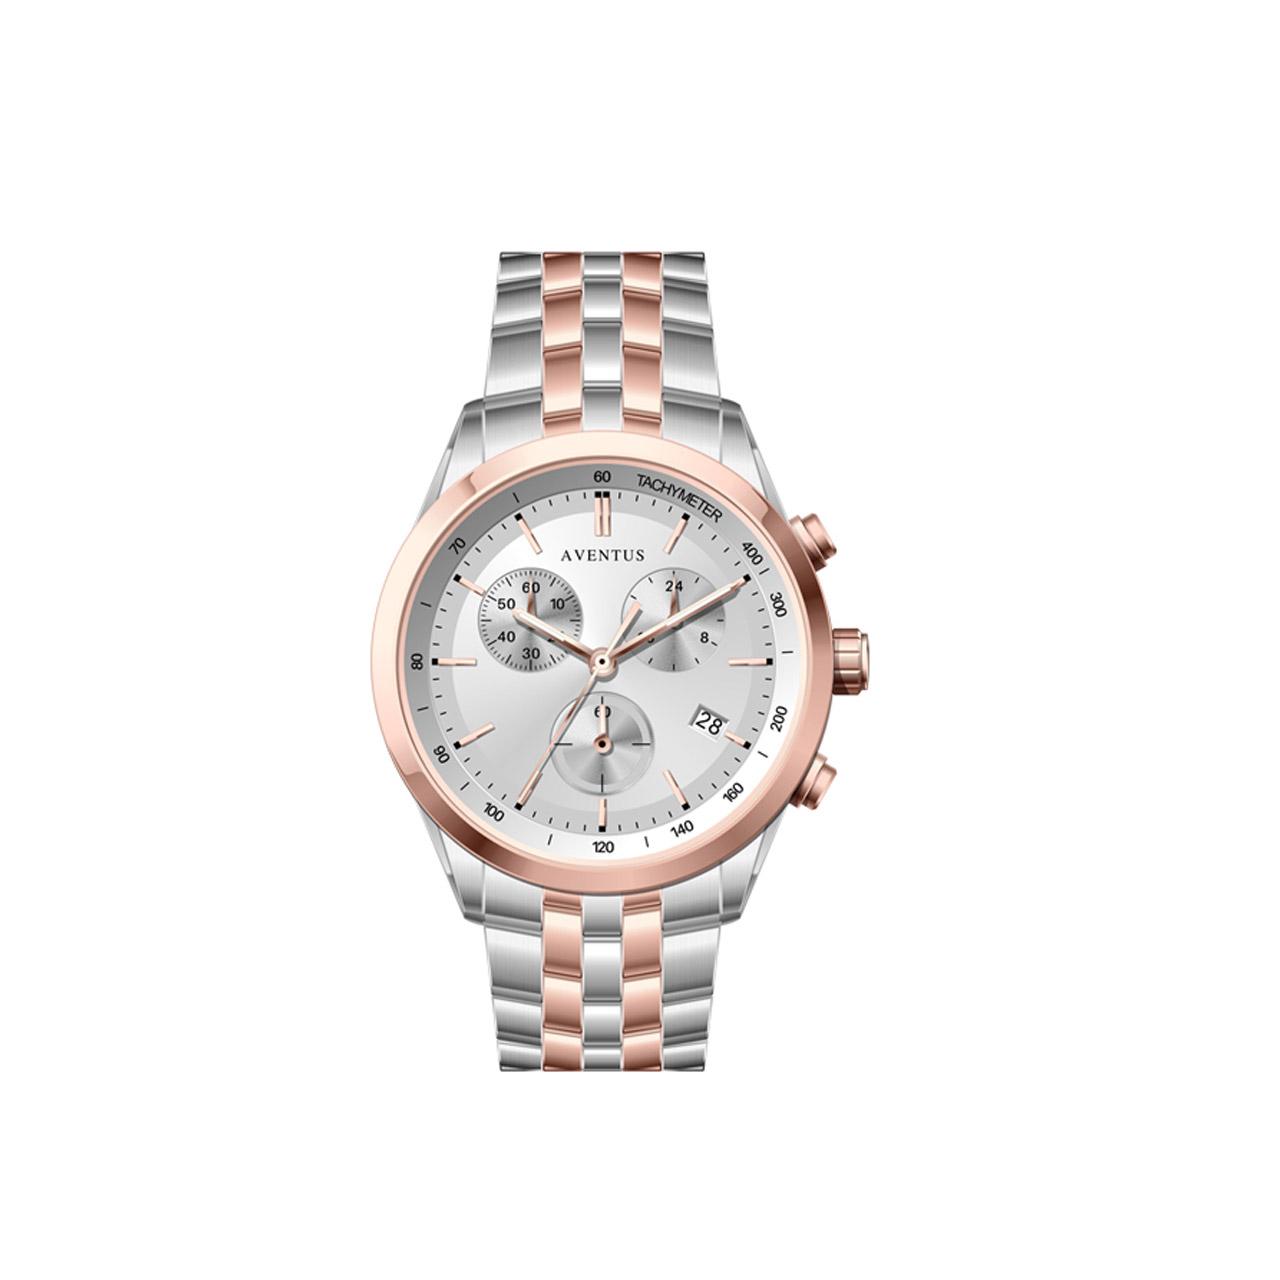 ساعت مچی عقربه ای زنانه اونتوس مدل 1351-6LWH 30